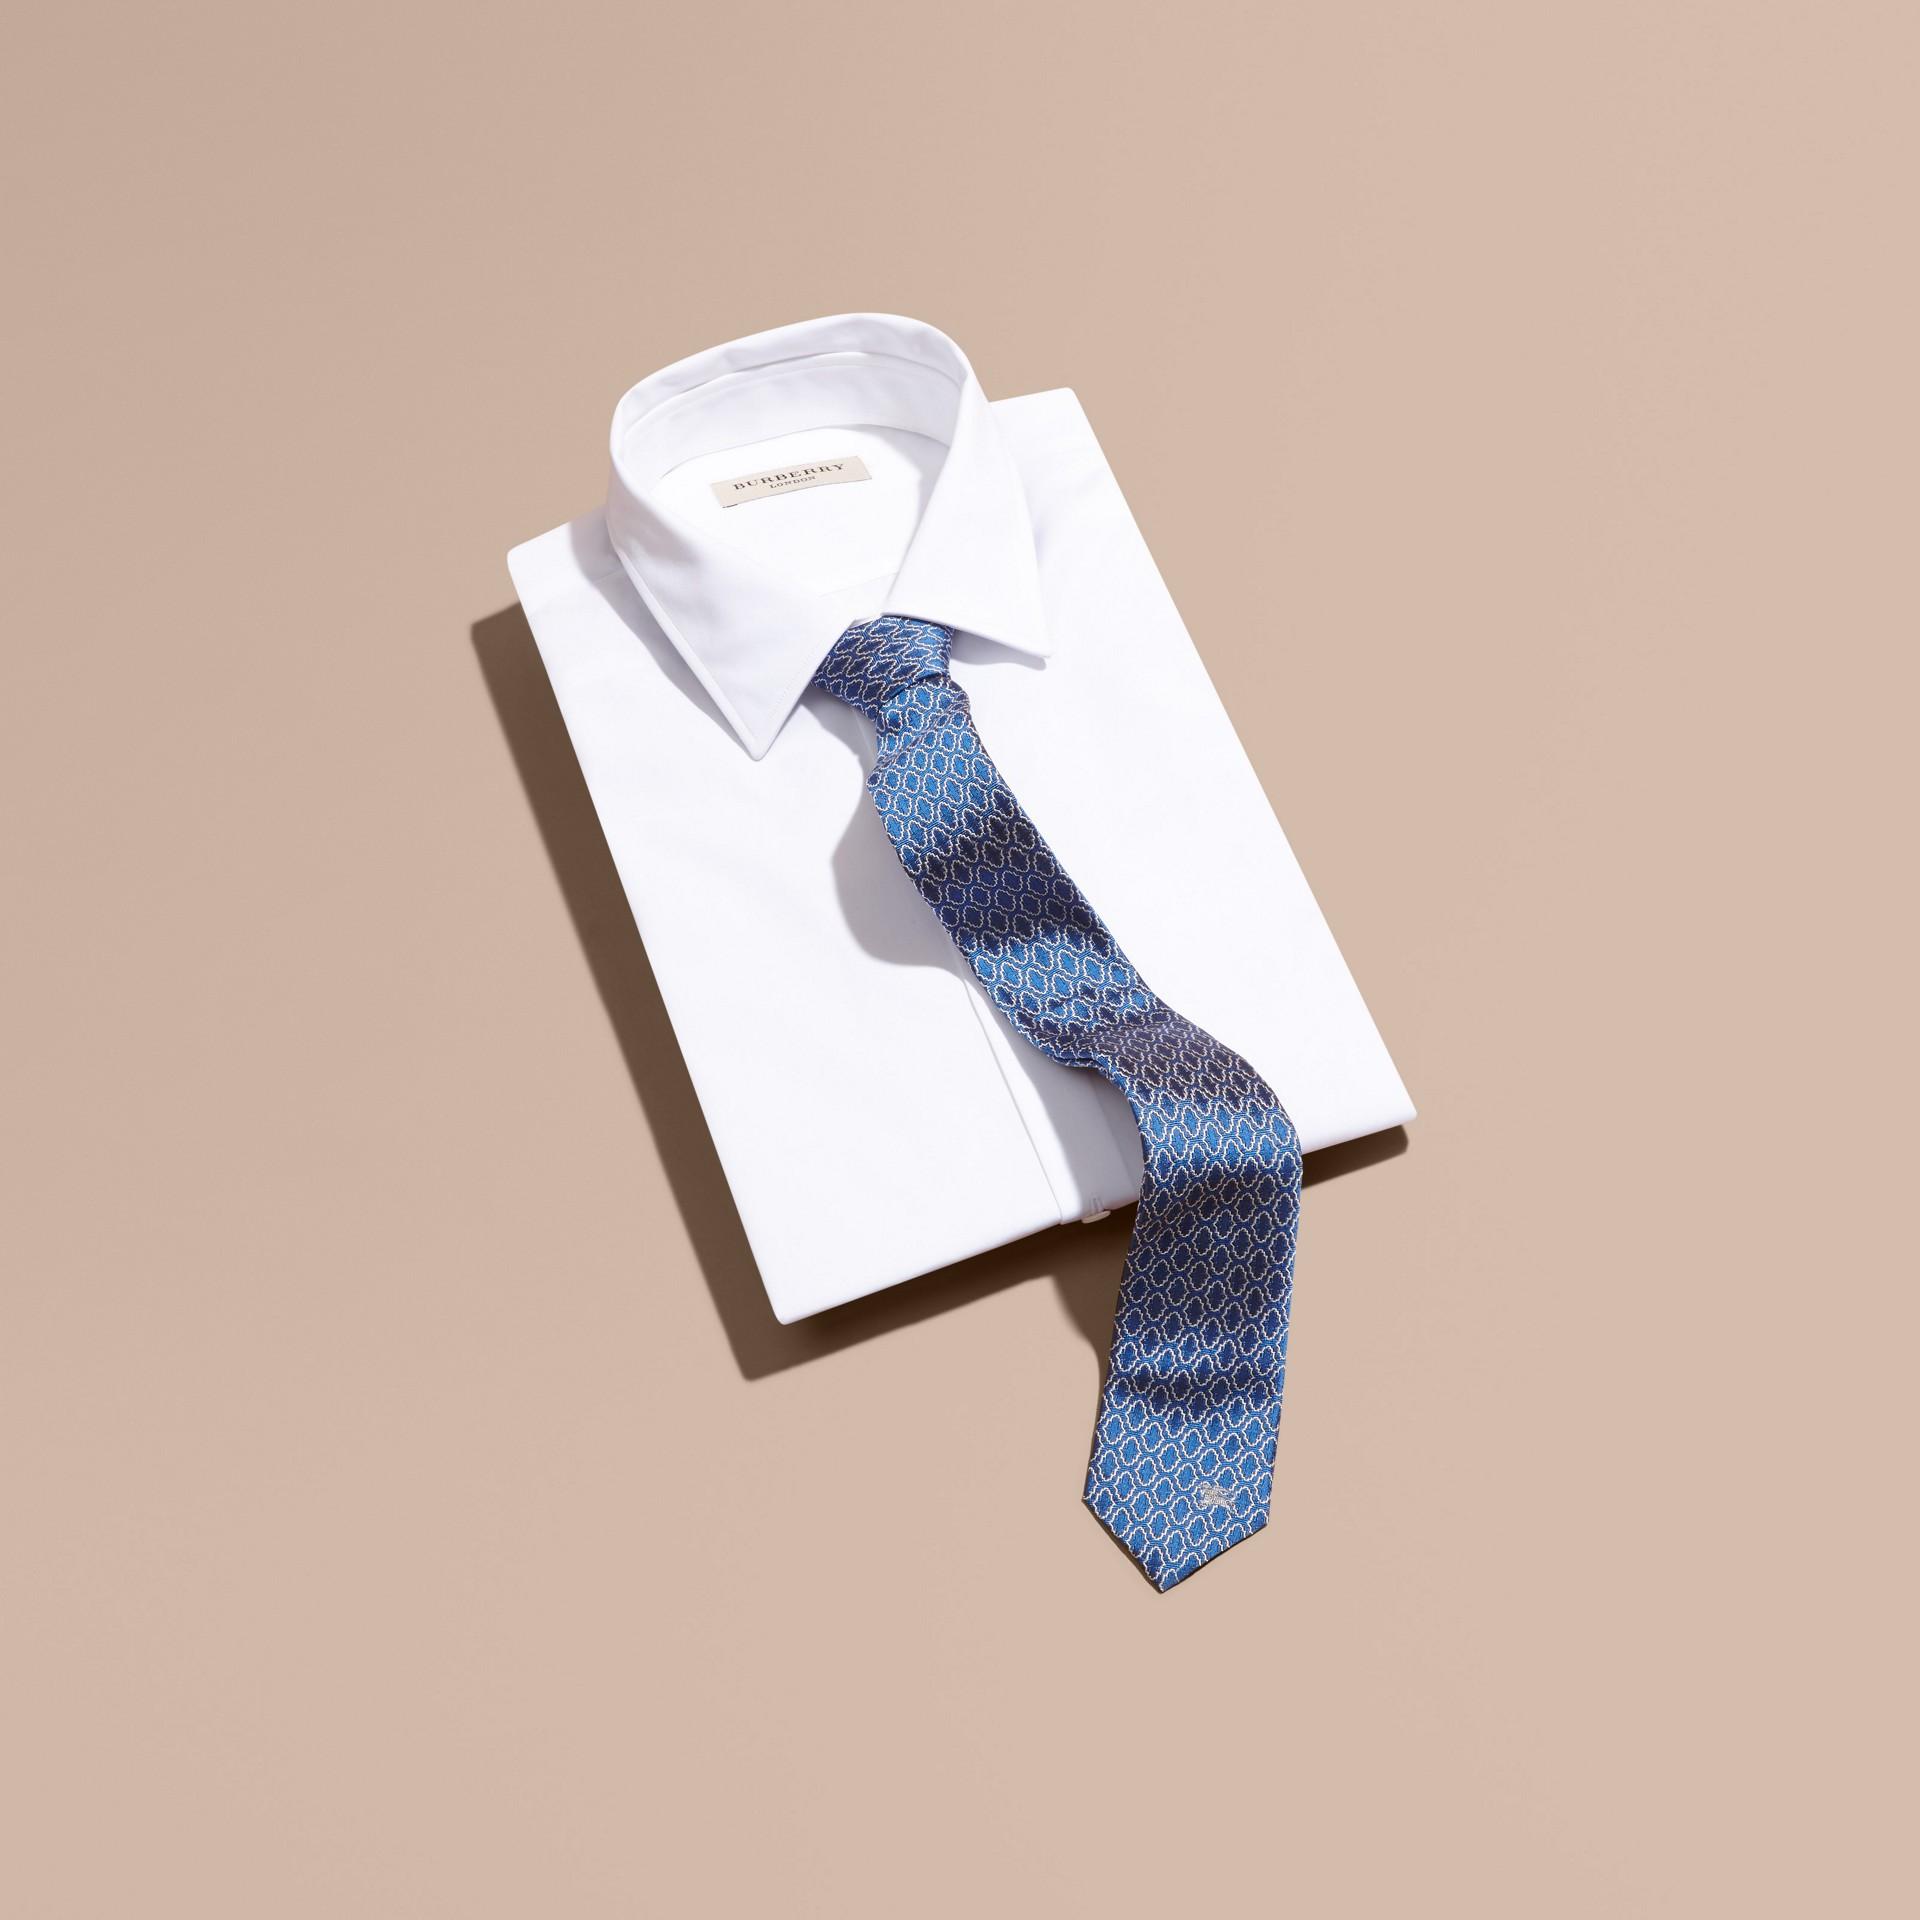 Blu ortensia Cravatta dal taglio sottile in seta jacquard con motivo geometrico Blu Ortensia - immagine della galleria 3